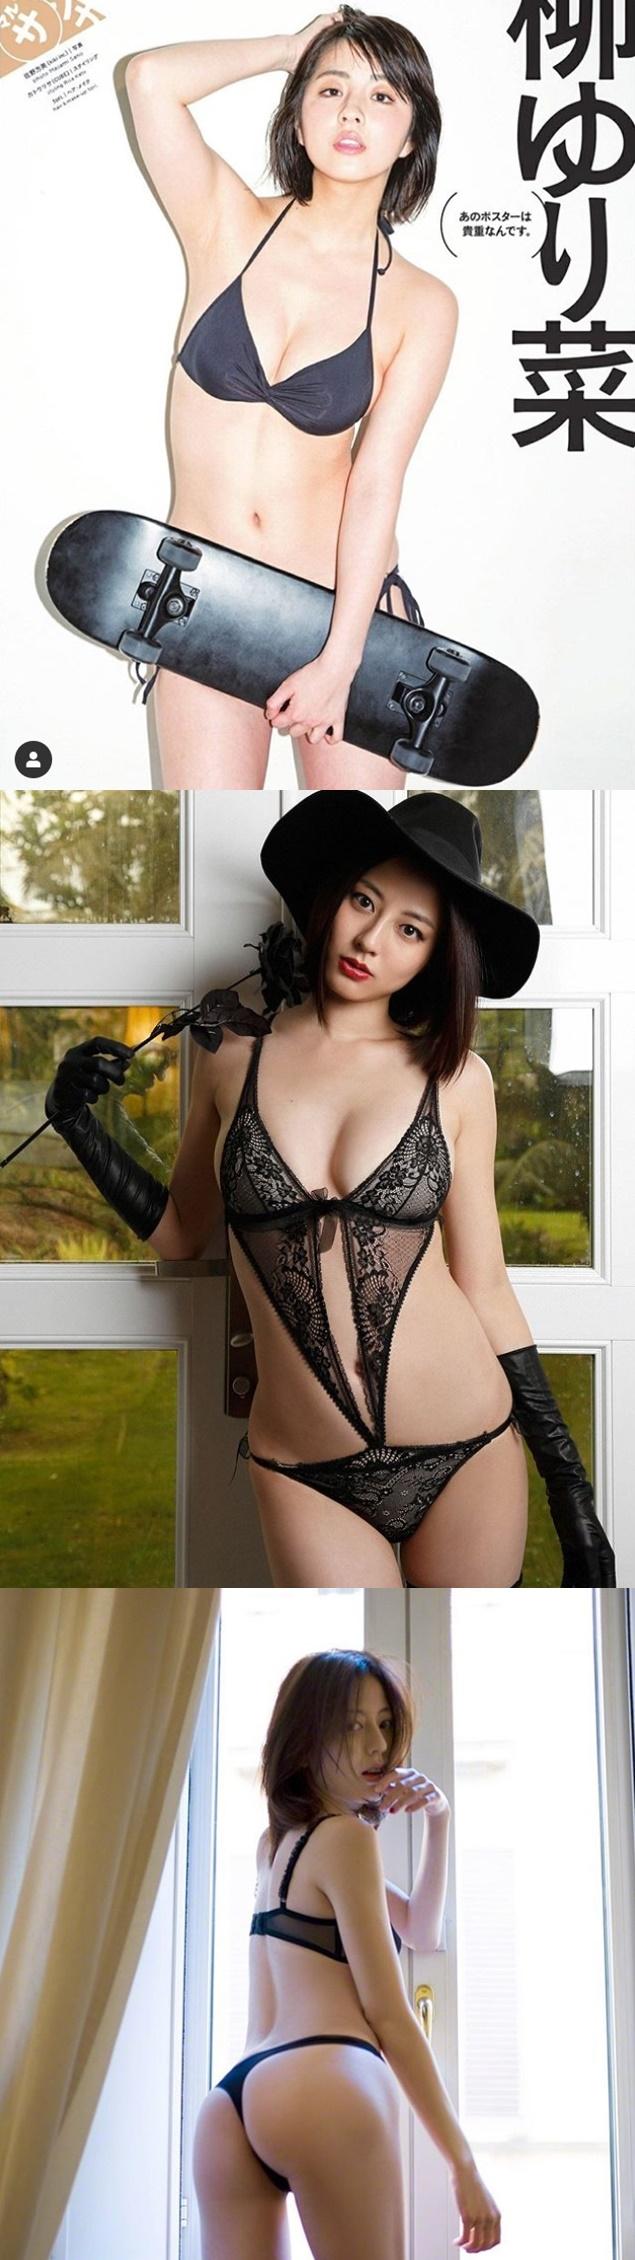 '미나미노 여친' 그라비아 모델 유리나의 놀라운 포즈